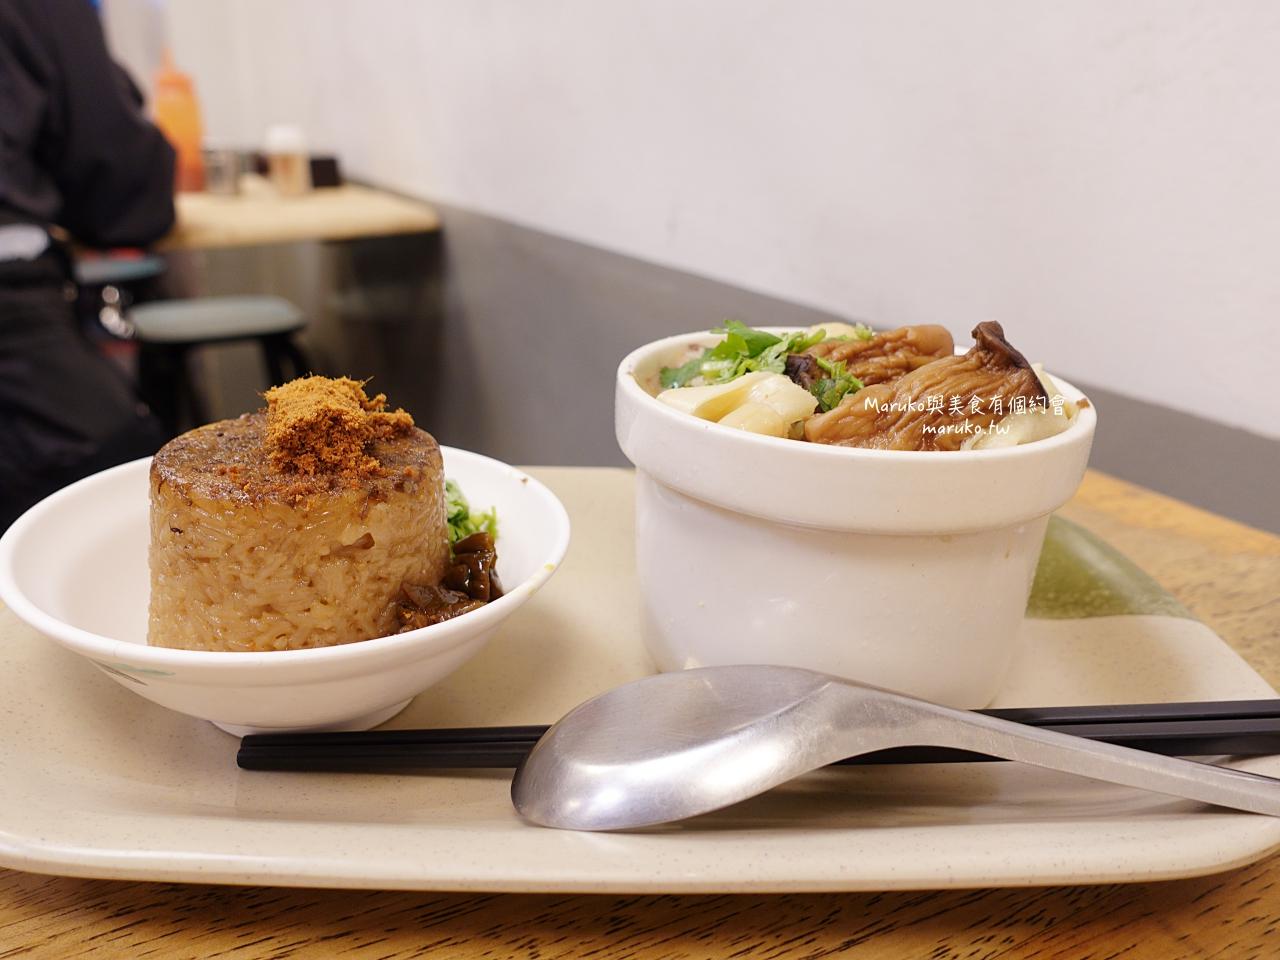 台北 王記排骨酥 有家鄉味的排骨酥湯 老饕才知道的隱藏版菜單這樣點 @Maruko與美食有個約會